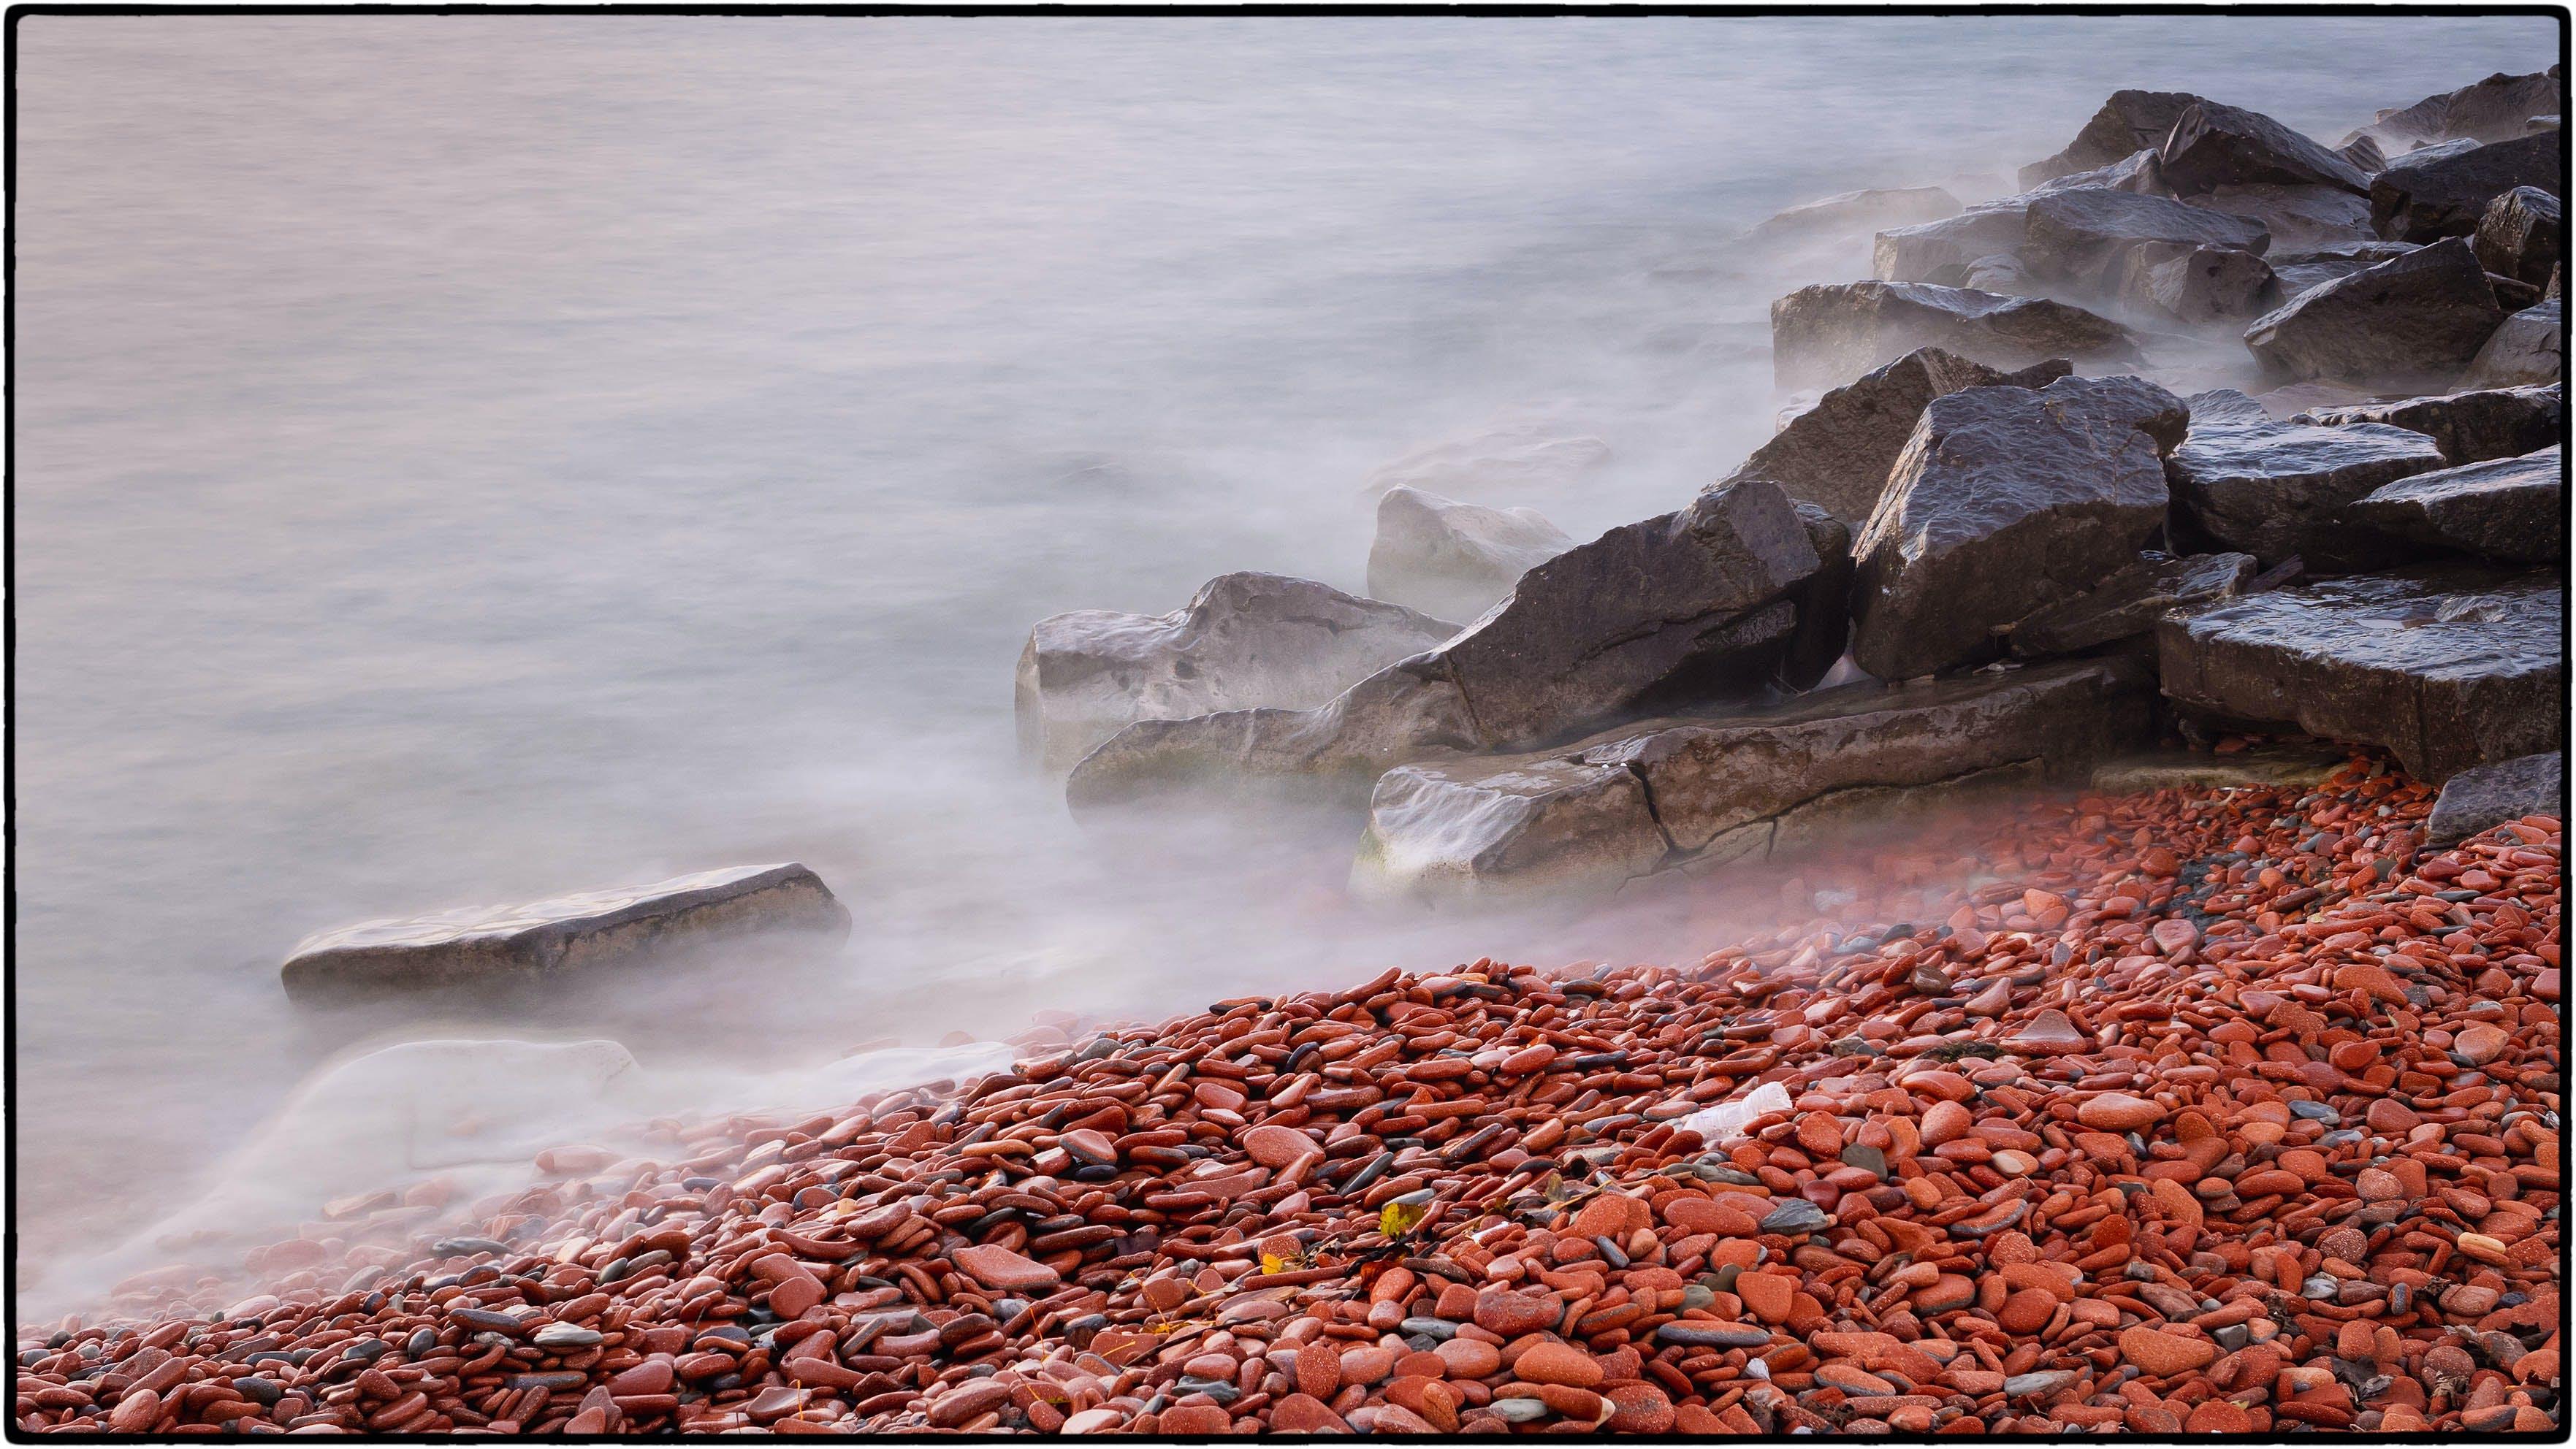 Kostnadsfri bild av dimma, hav, havsstrand, småsten